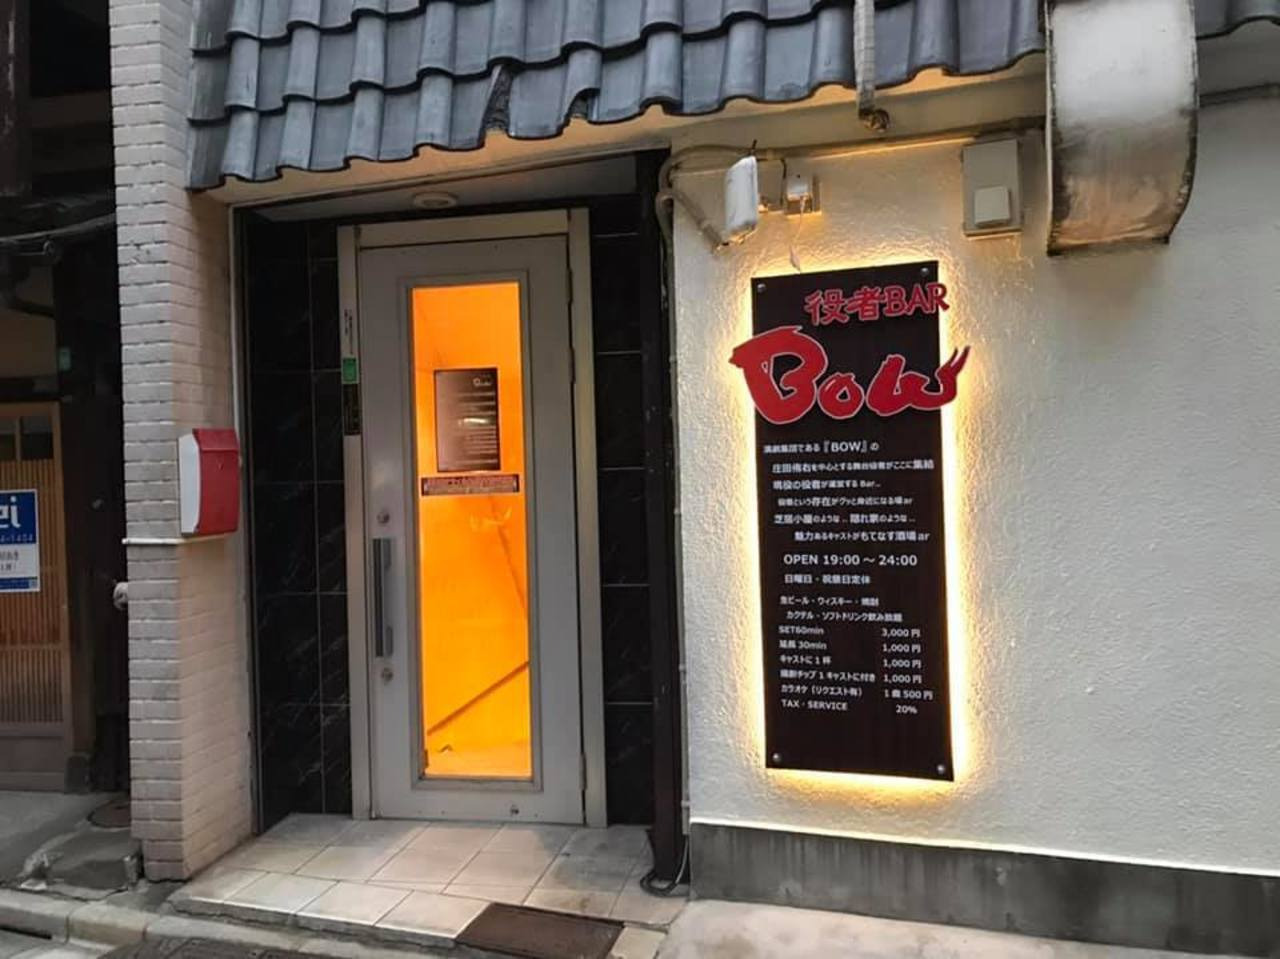 東京都文京区湯島3丁目に「役者バー ボウ」が6/26にオープンされたようです。